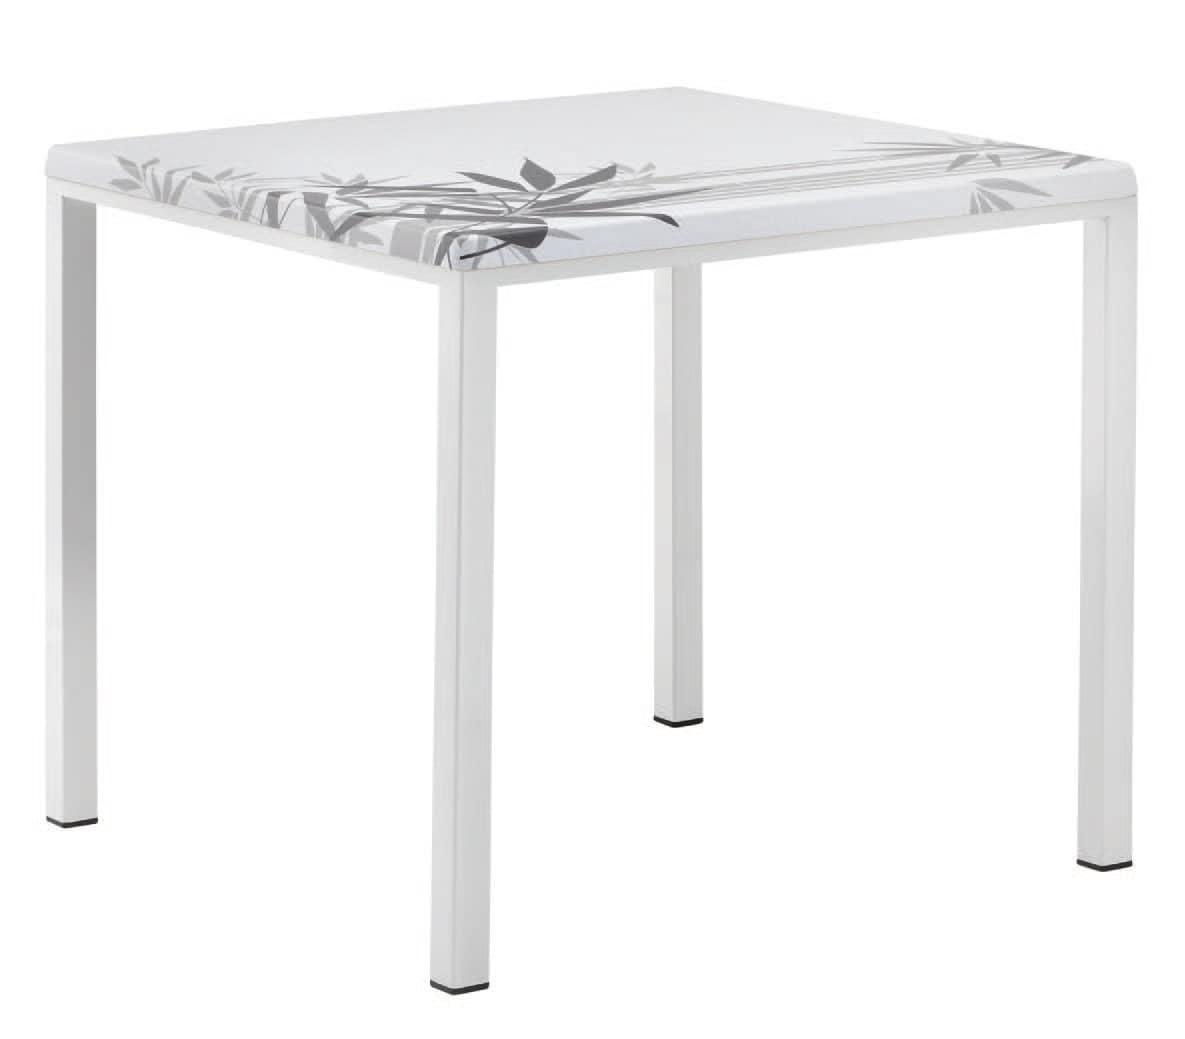 FT 044 quadrato, Tavolo base in metallo verniciato ideale per bar